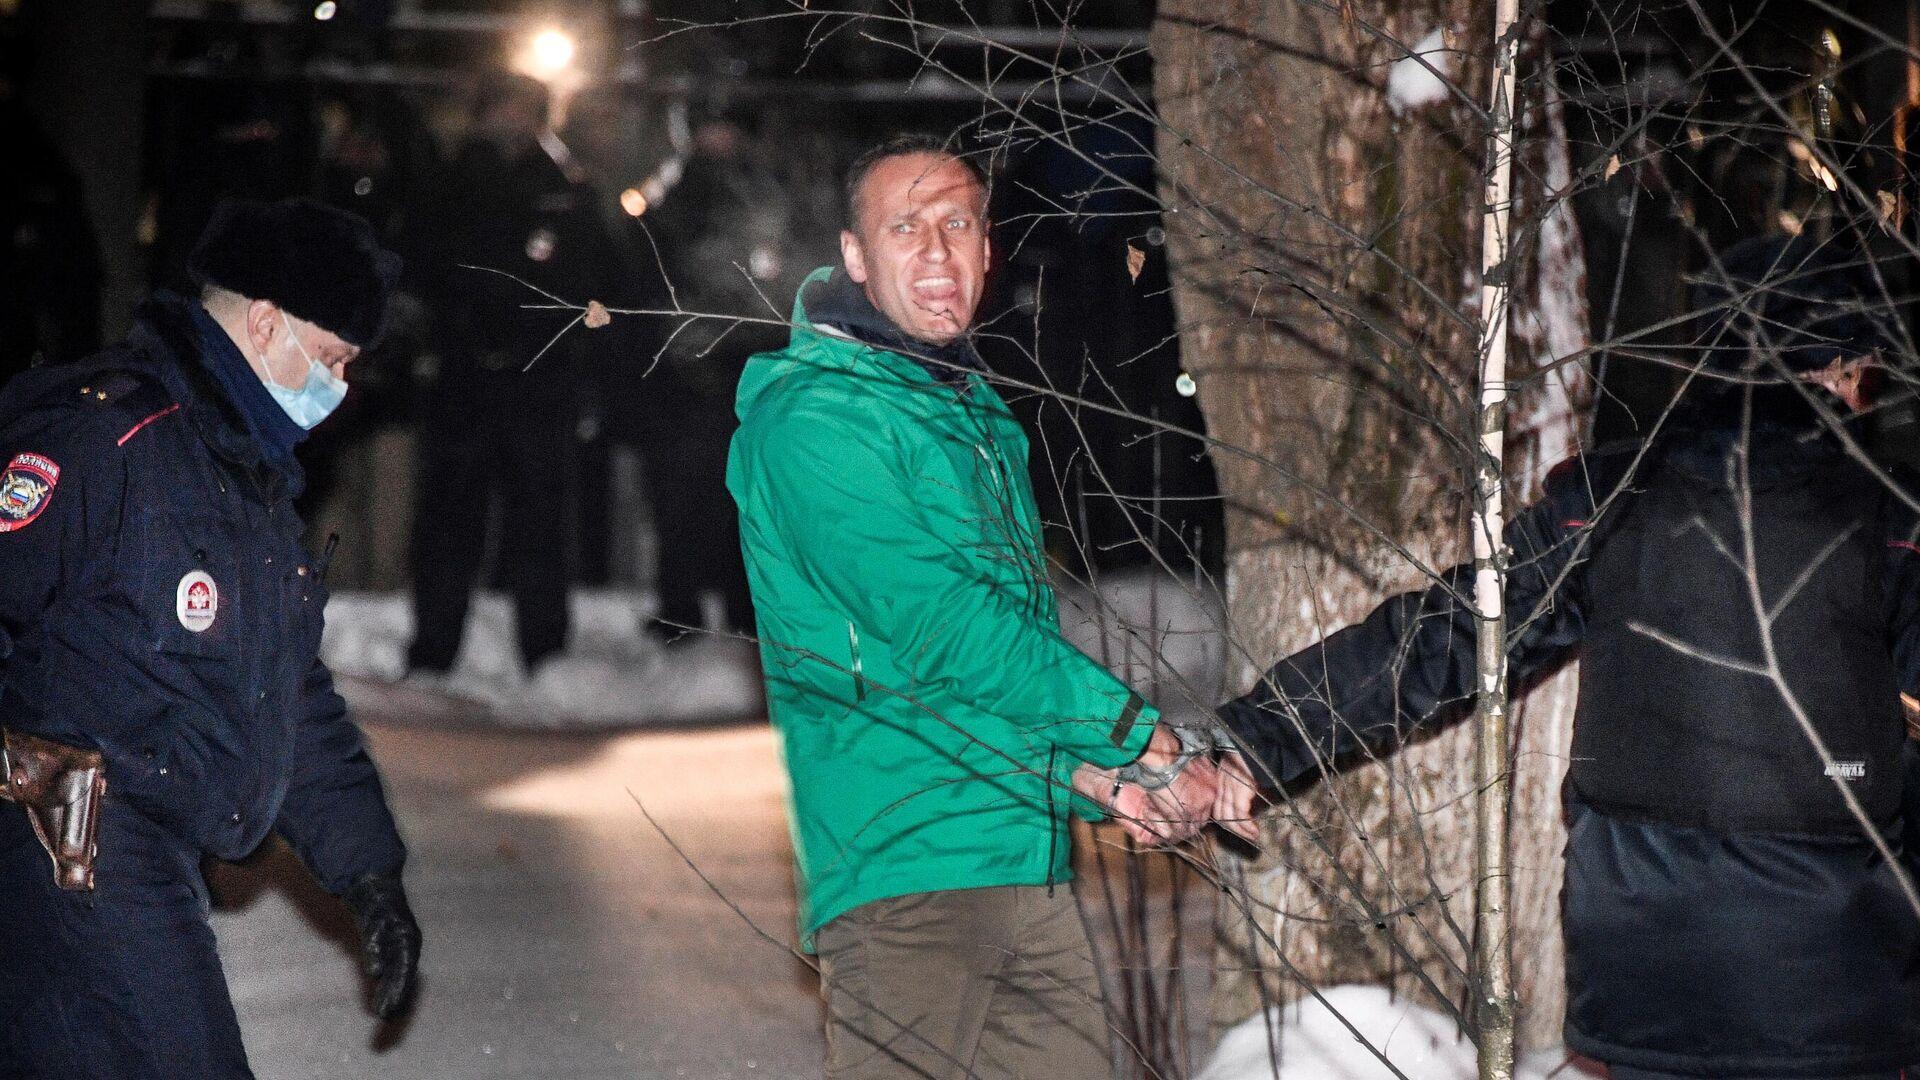 Сотрудники полиции выводят Алексея Навального (в центре) из здания 2-го отдела полиции Управления МВД России по г. о. Химки - РИА Новости, 1920, 23.01.2021